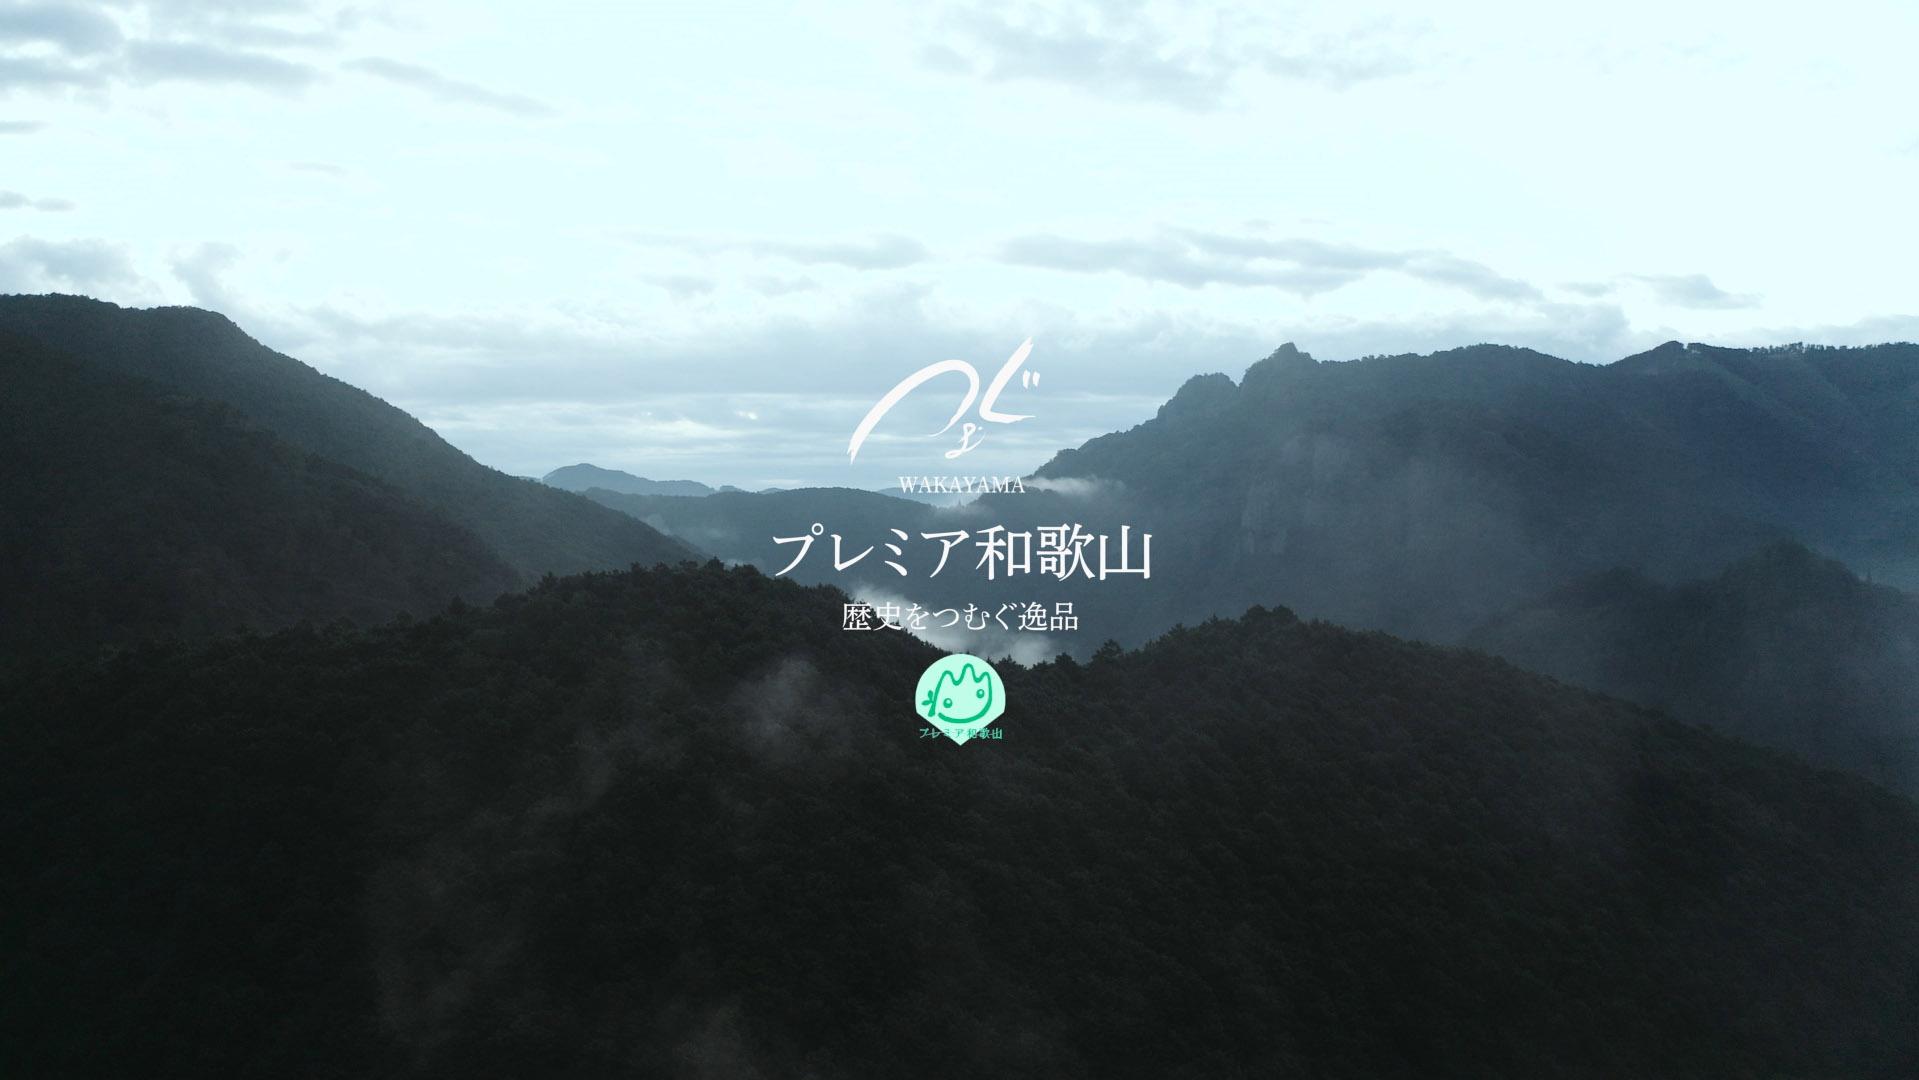 プレミア和歌山ブランディング映像(3分Ver.)